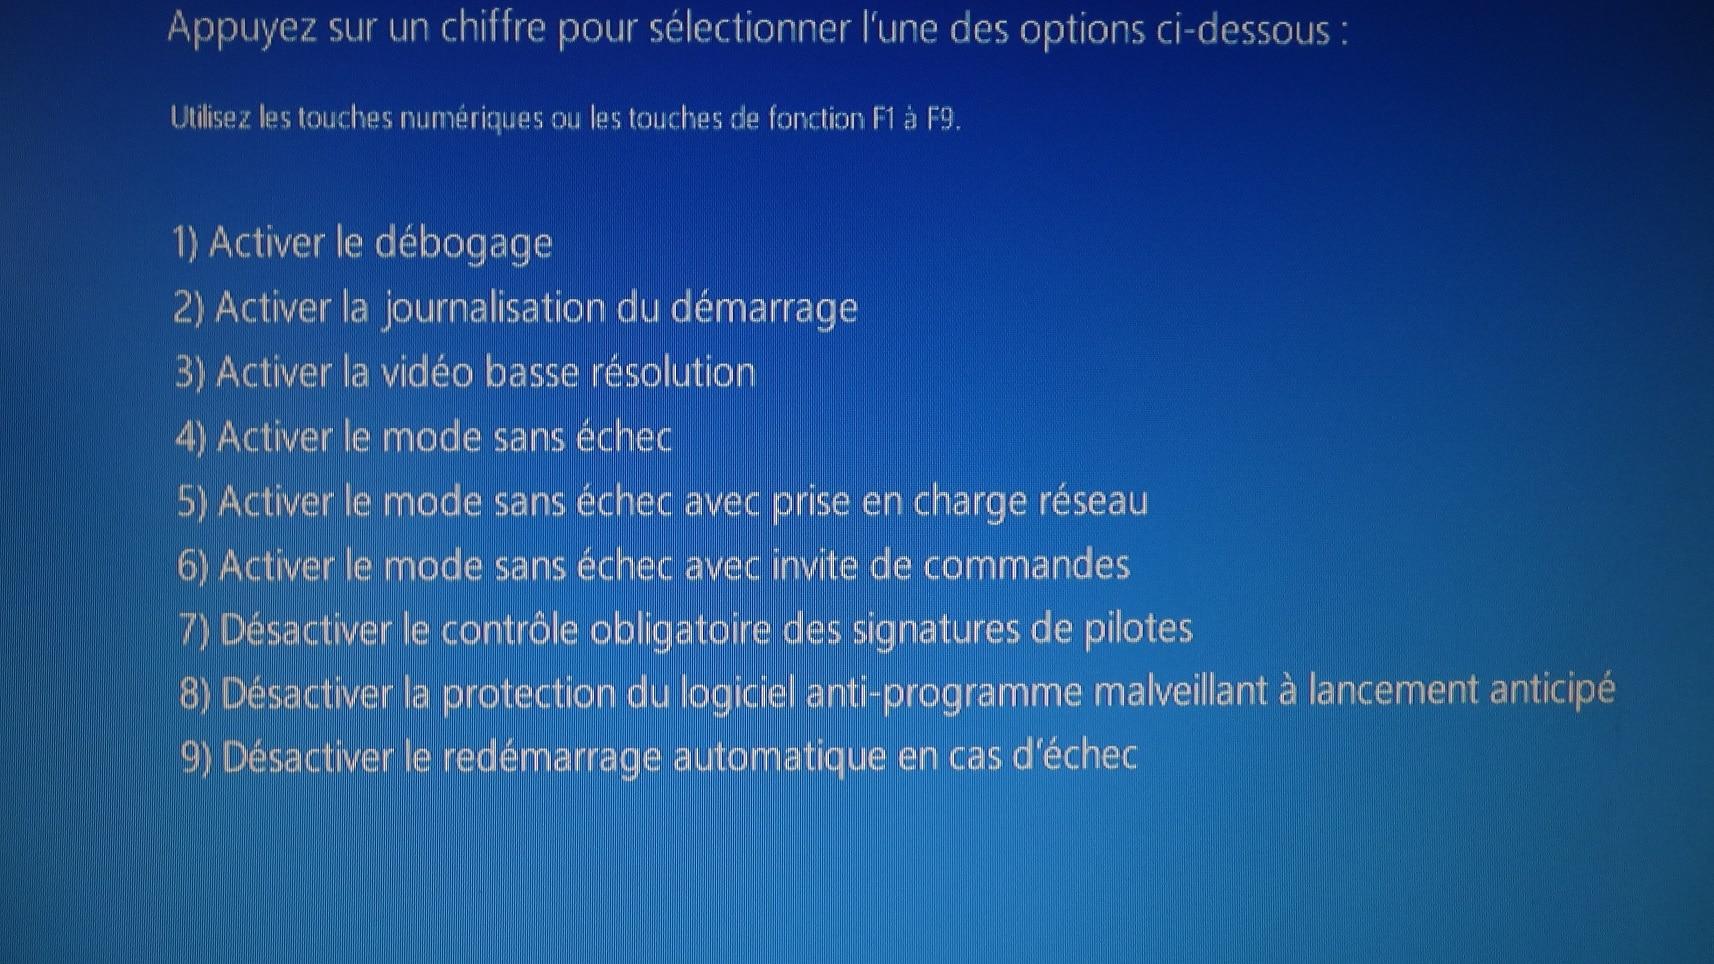 Windows 10 : démarrer en mode sans échec lorsque le système est inaccessible.